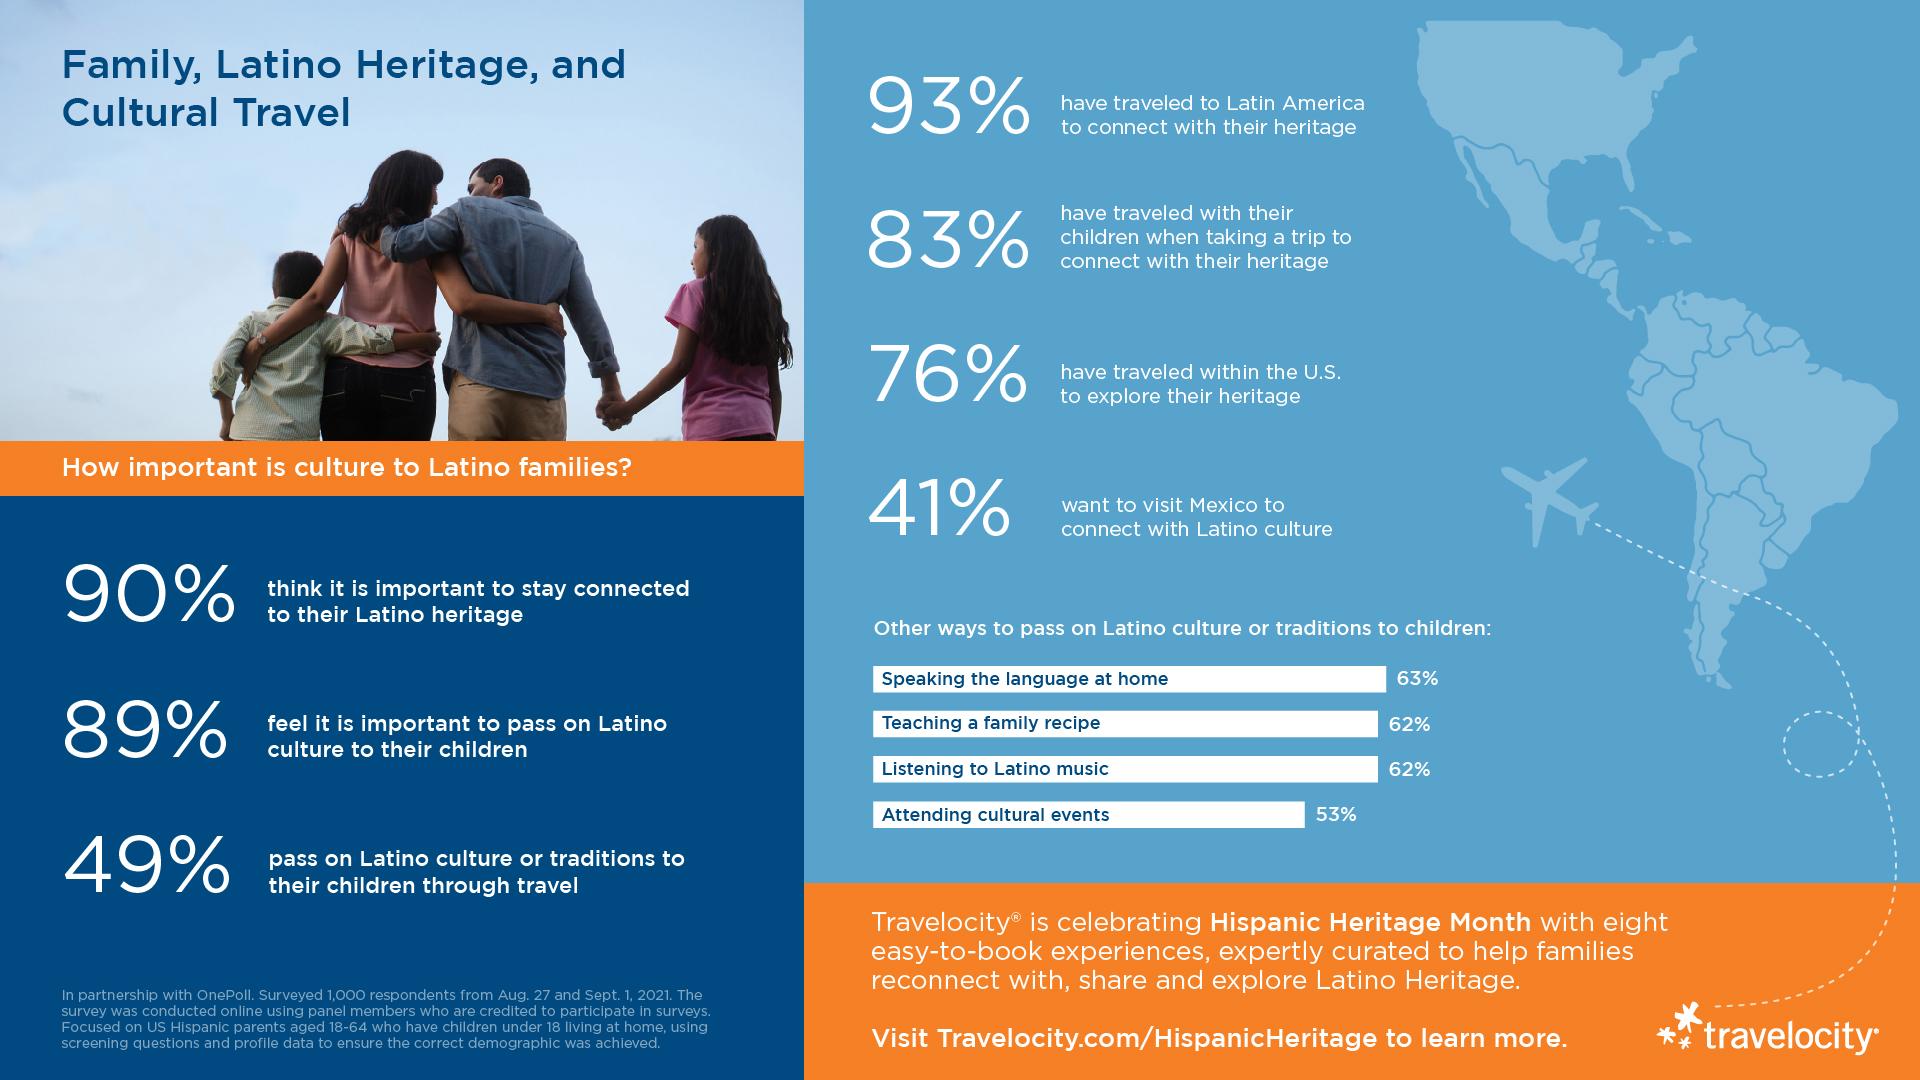 Travelocity Hispanic Heritage Month Infographic - EN